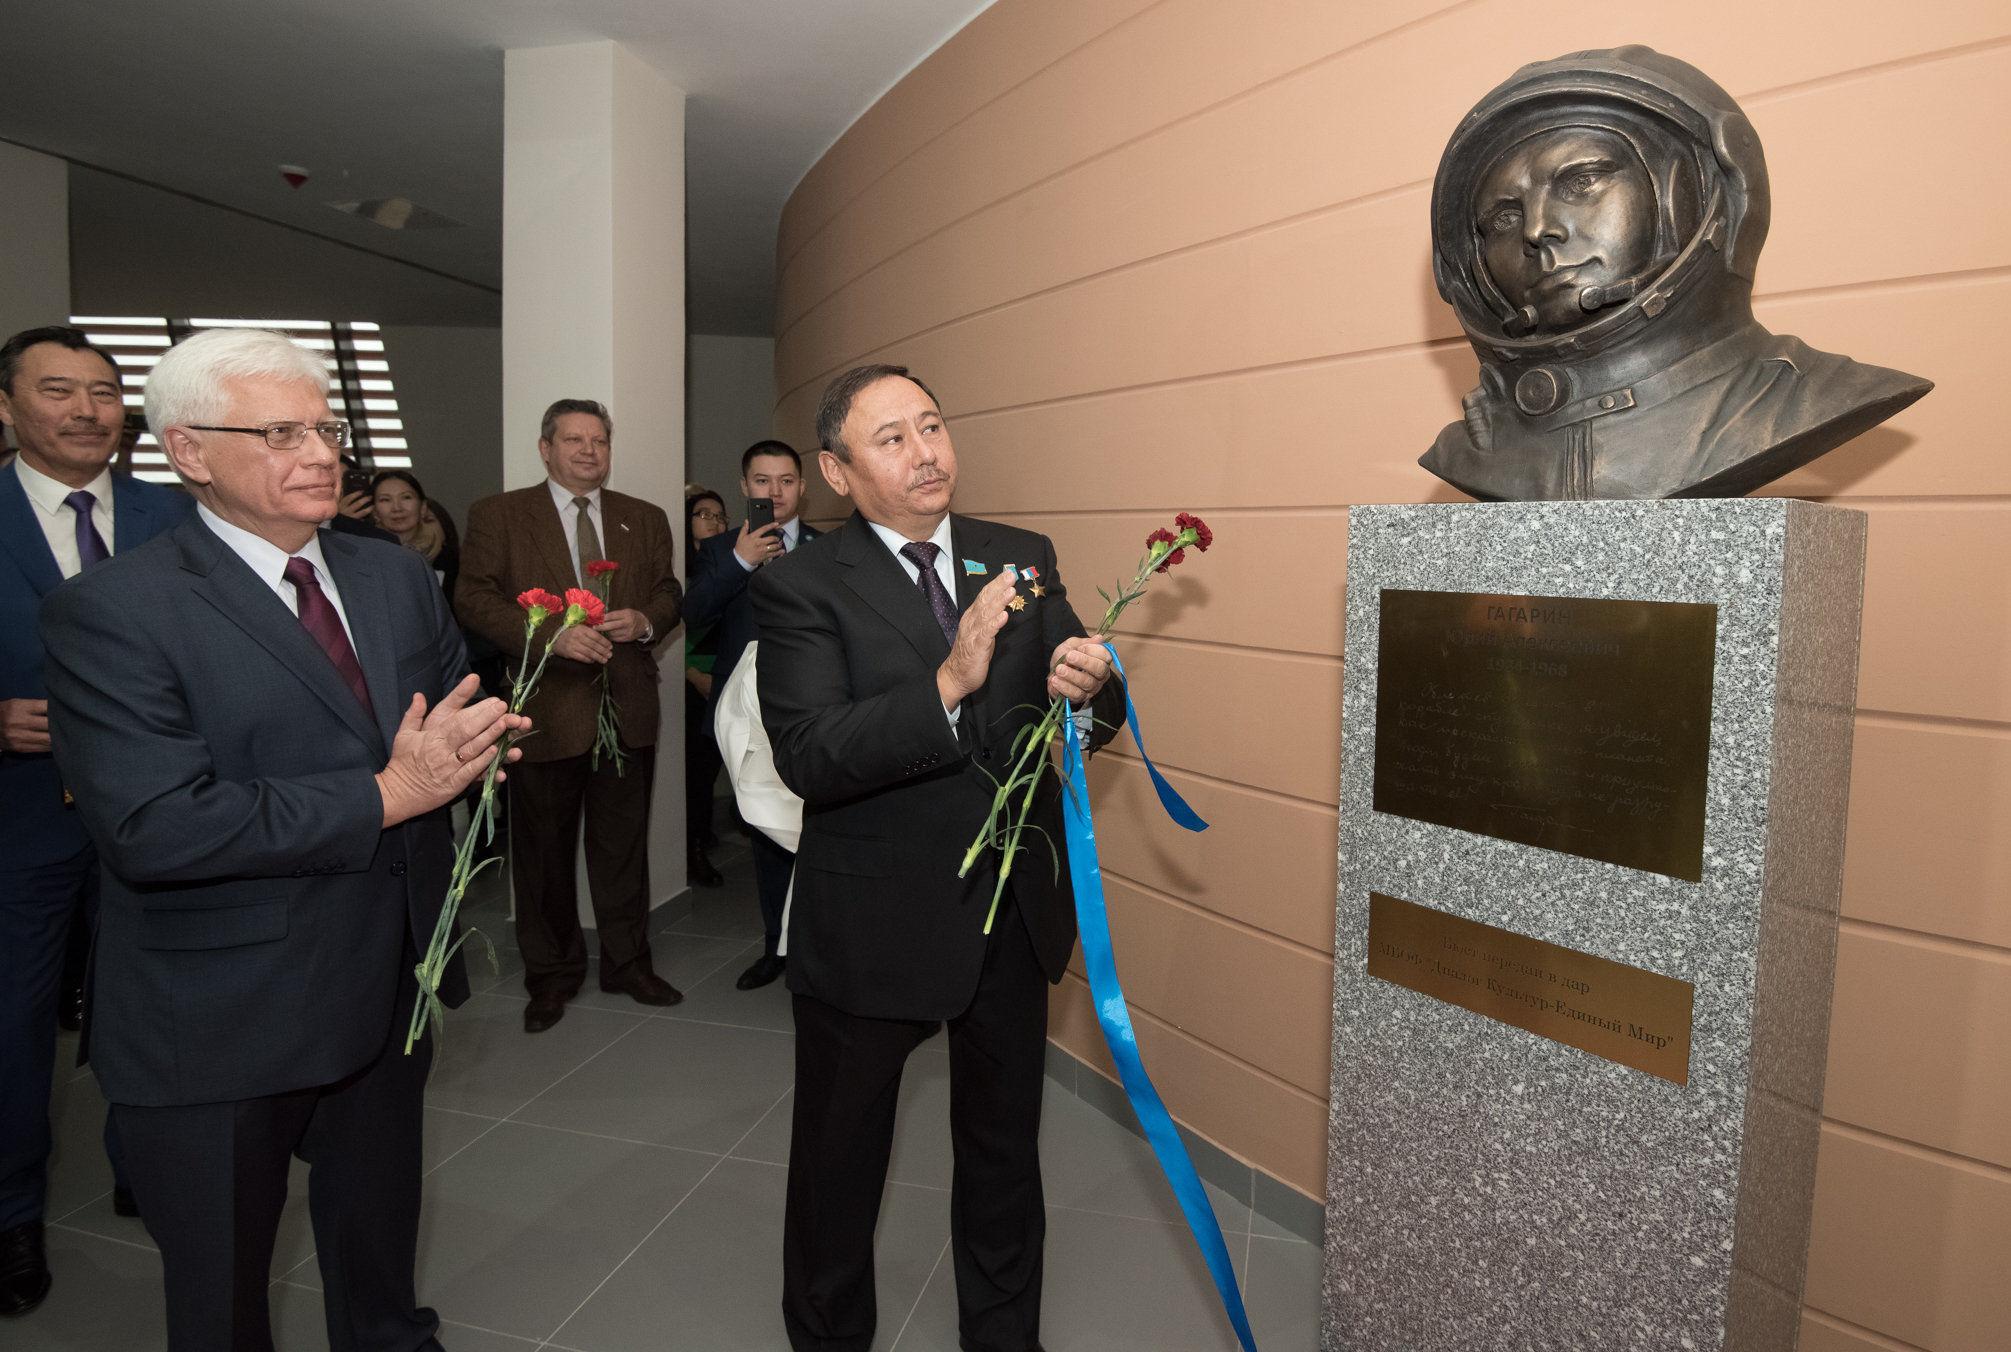 Бюст первого космонавта Юрия Гагарина установили в Астане